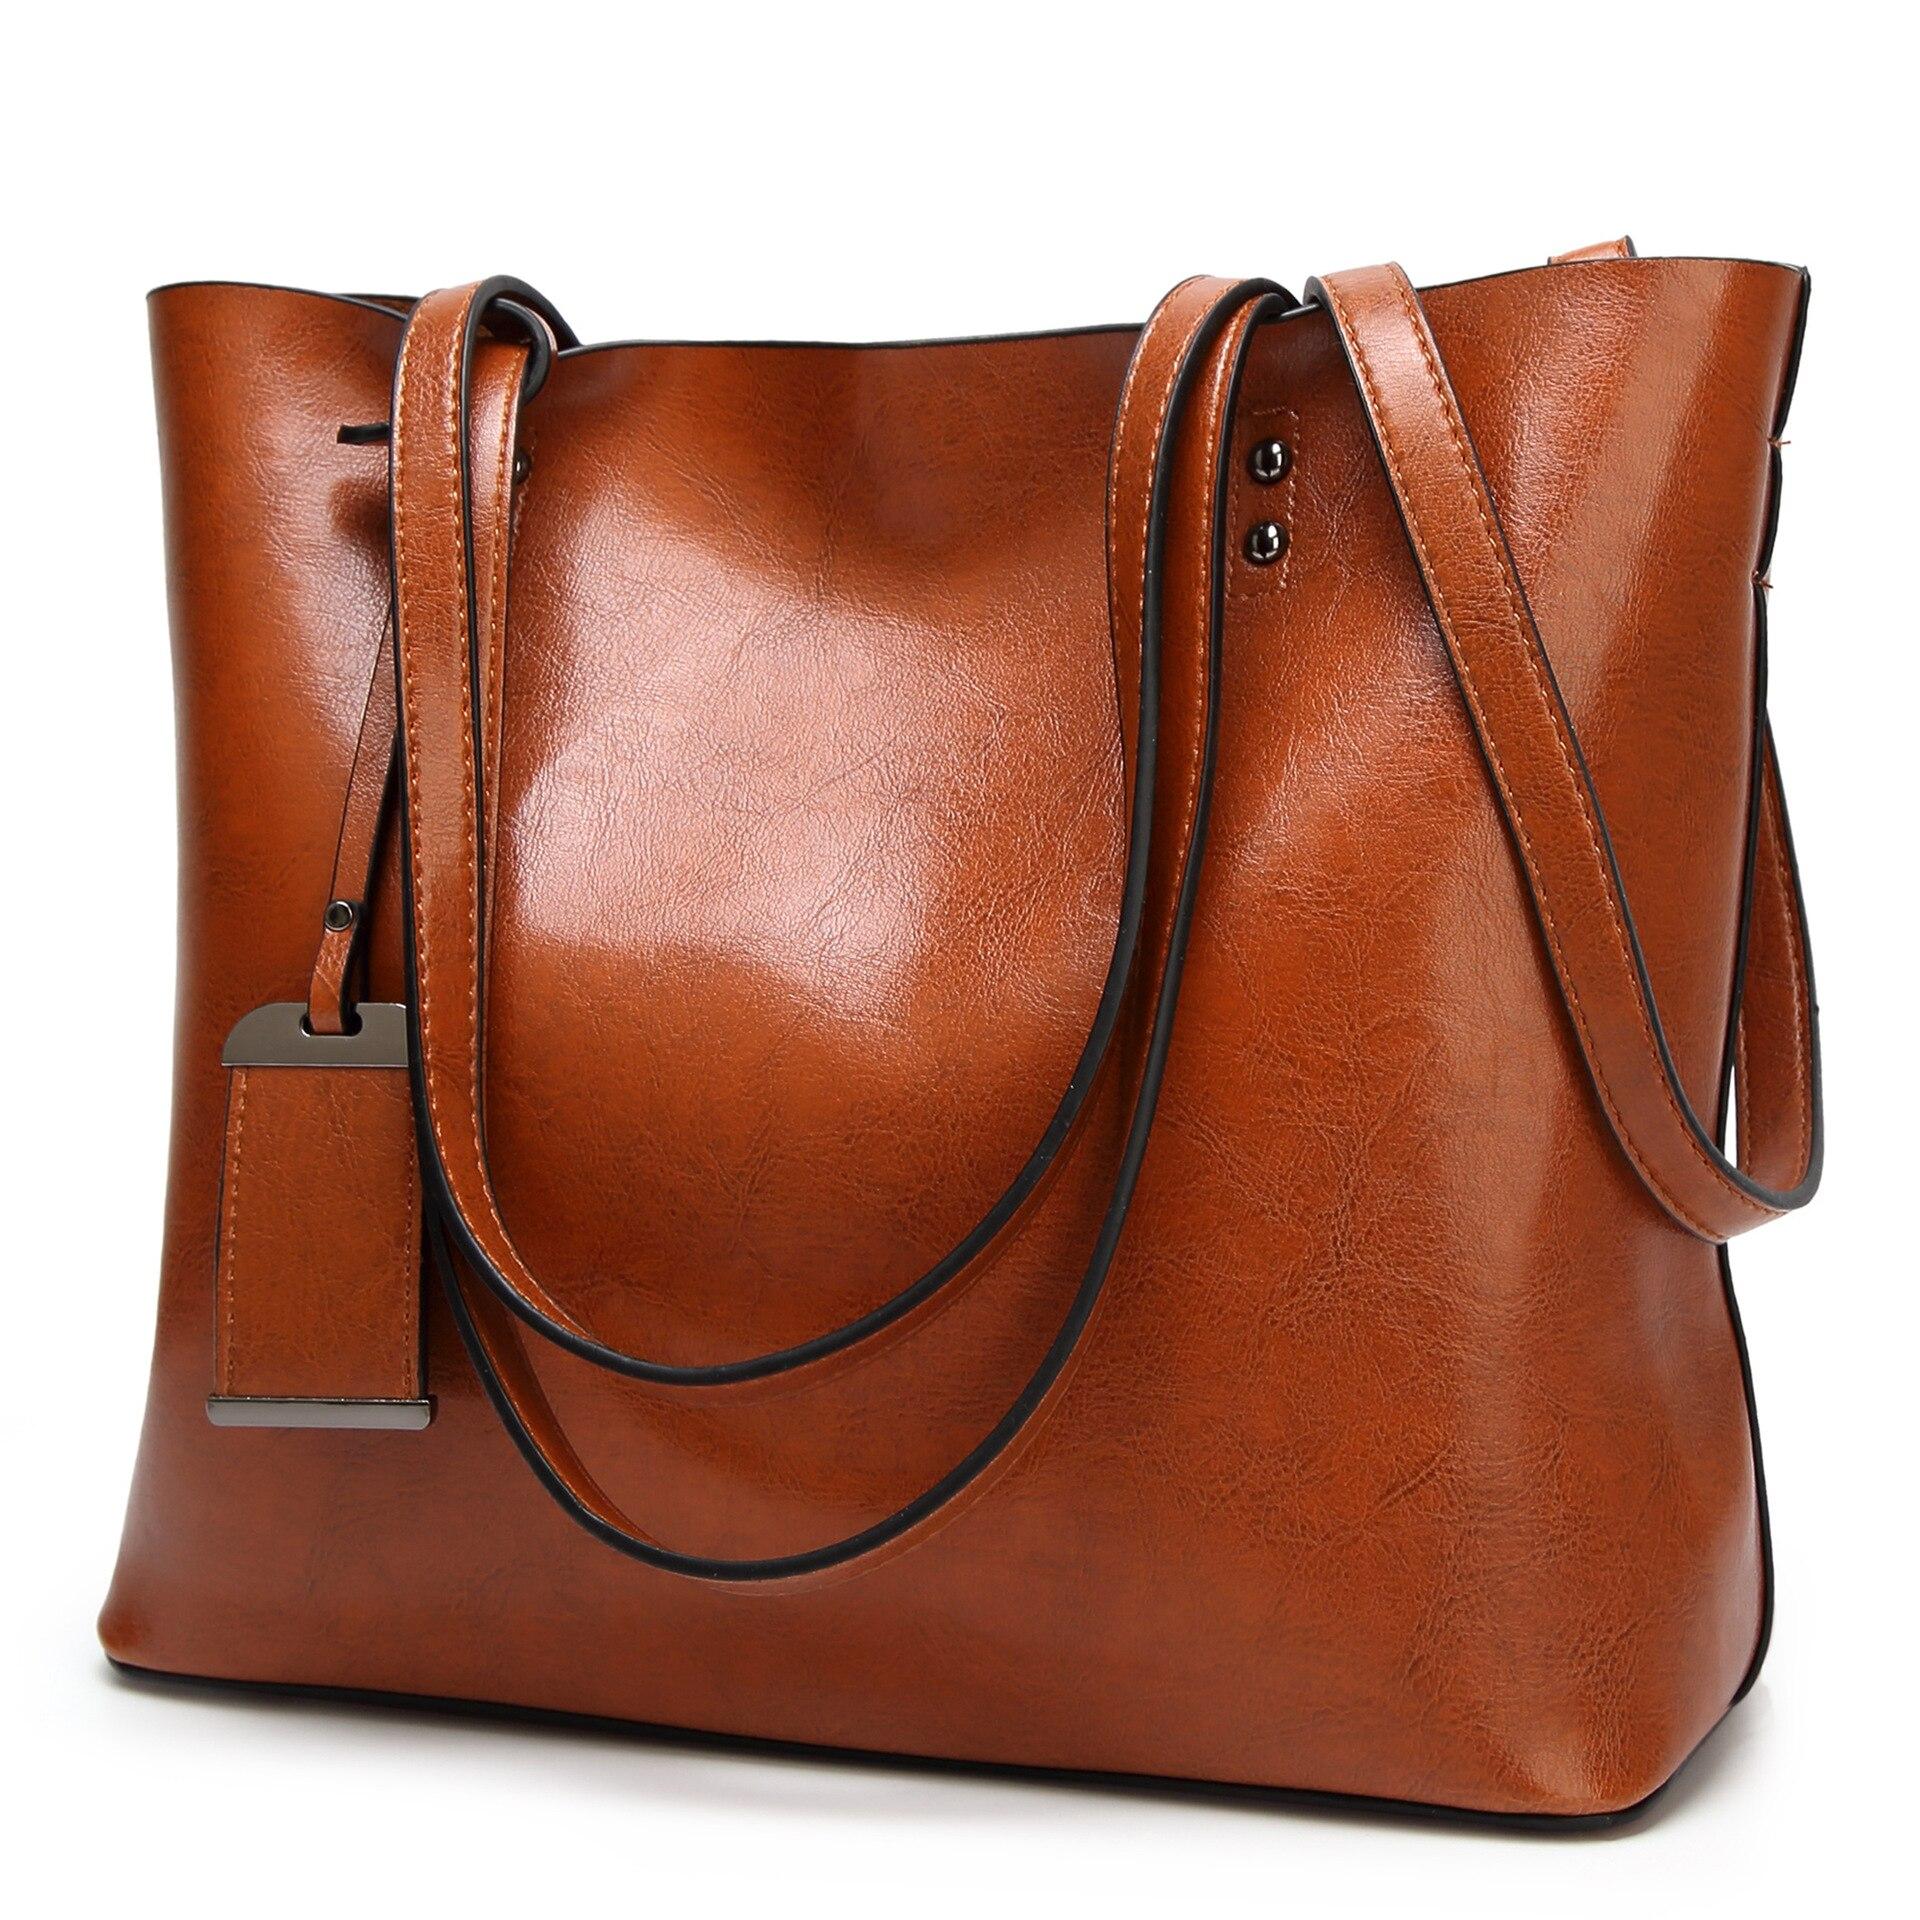 Высокое качество, хит продаж, женские повседневные сумки, масло, воск, кожа, женская сумка на плечо, дизайнерская женская винтажная сумка через плечо, большая C1079-in Сумки с ручками from Багаж и сумки